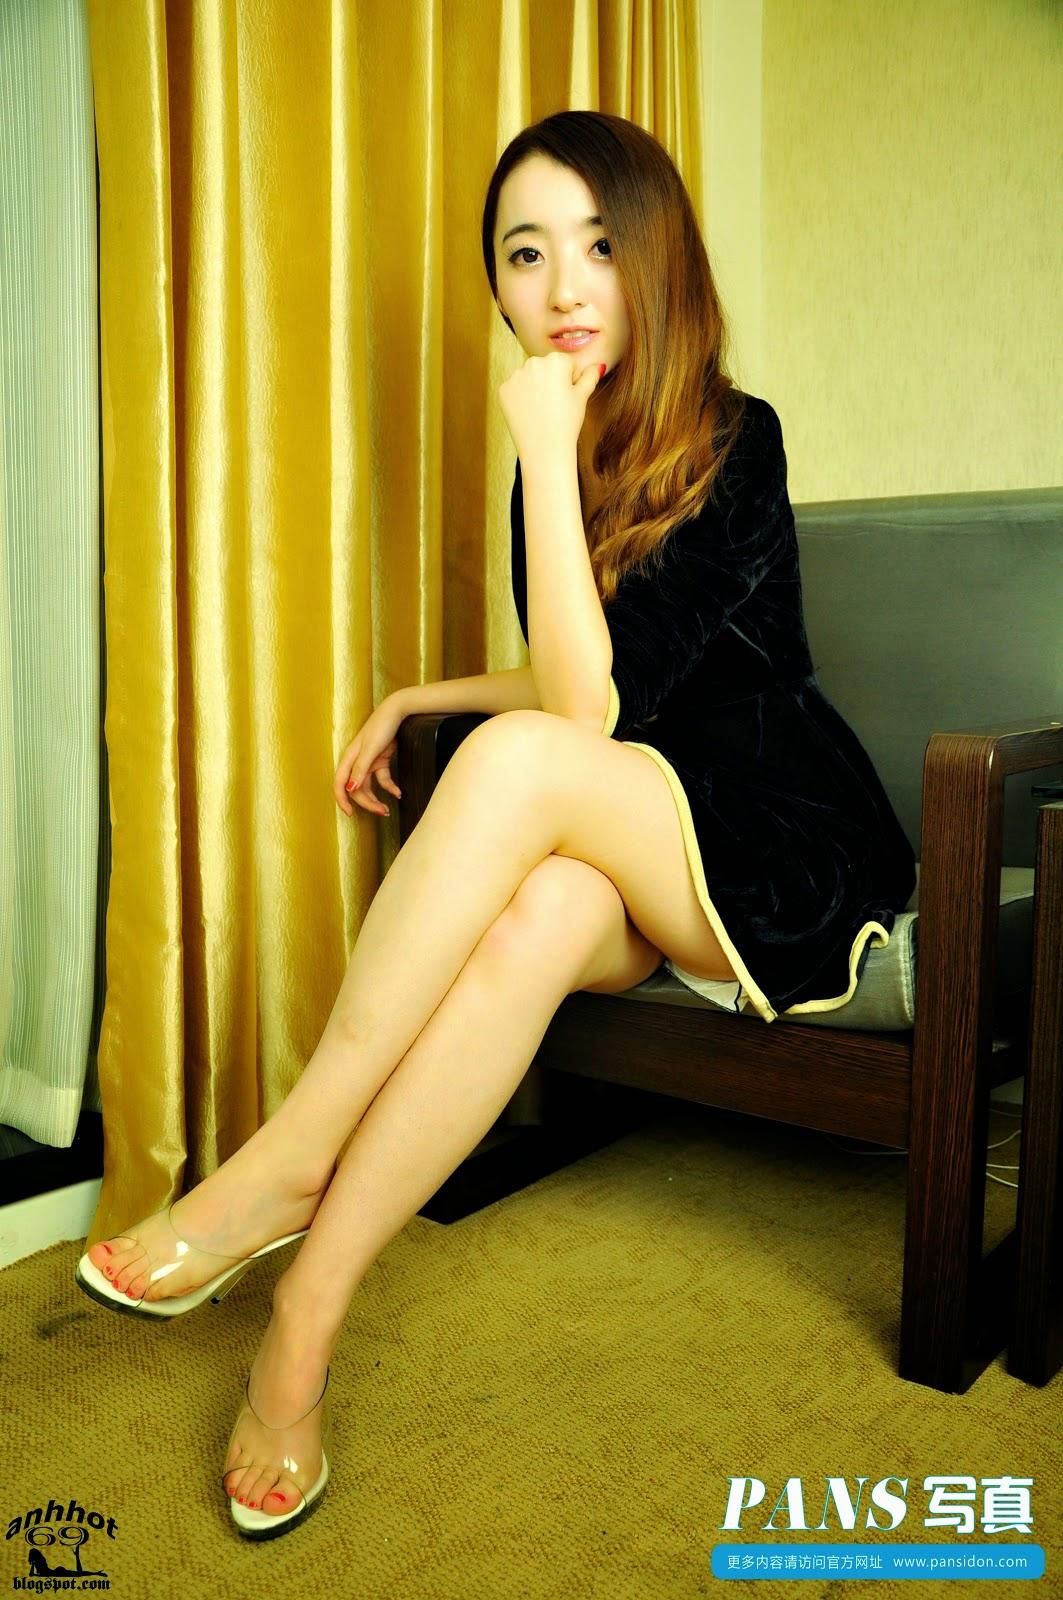 zi_xuan-pansidon-02342877